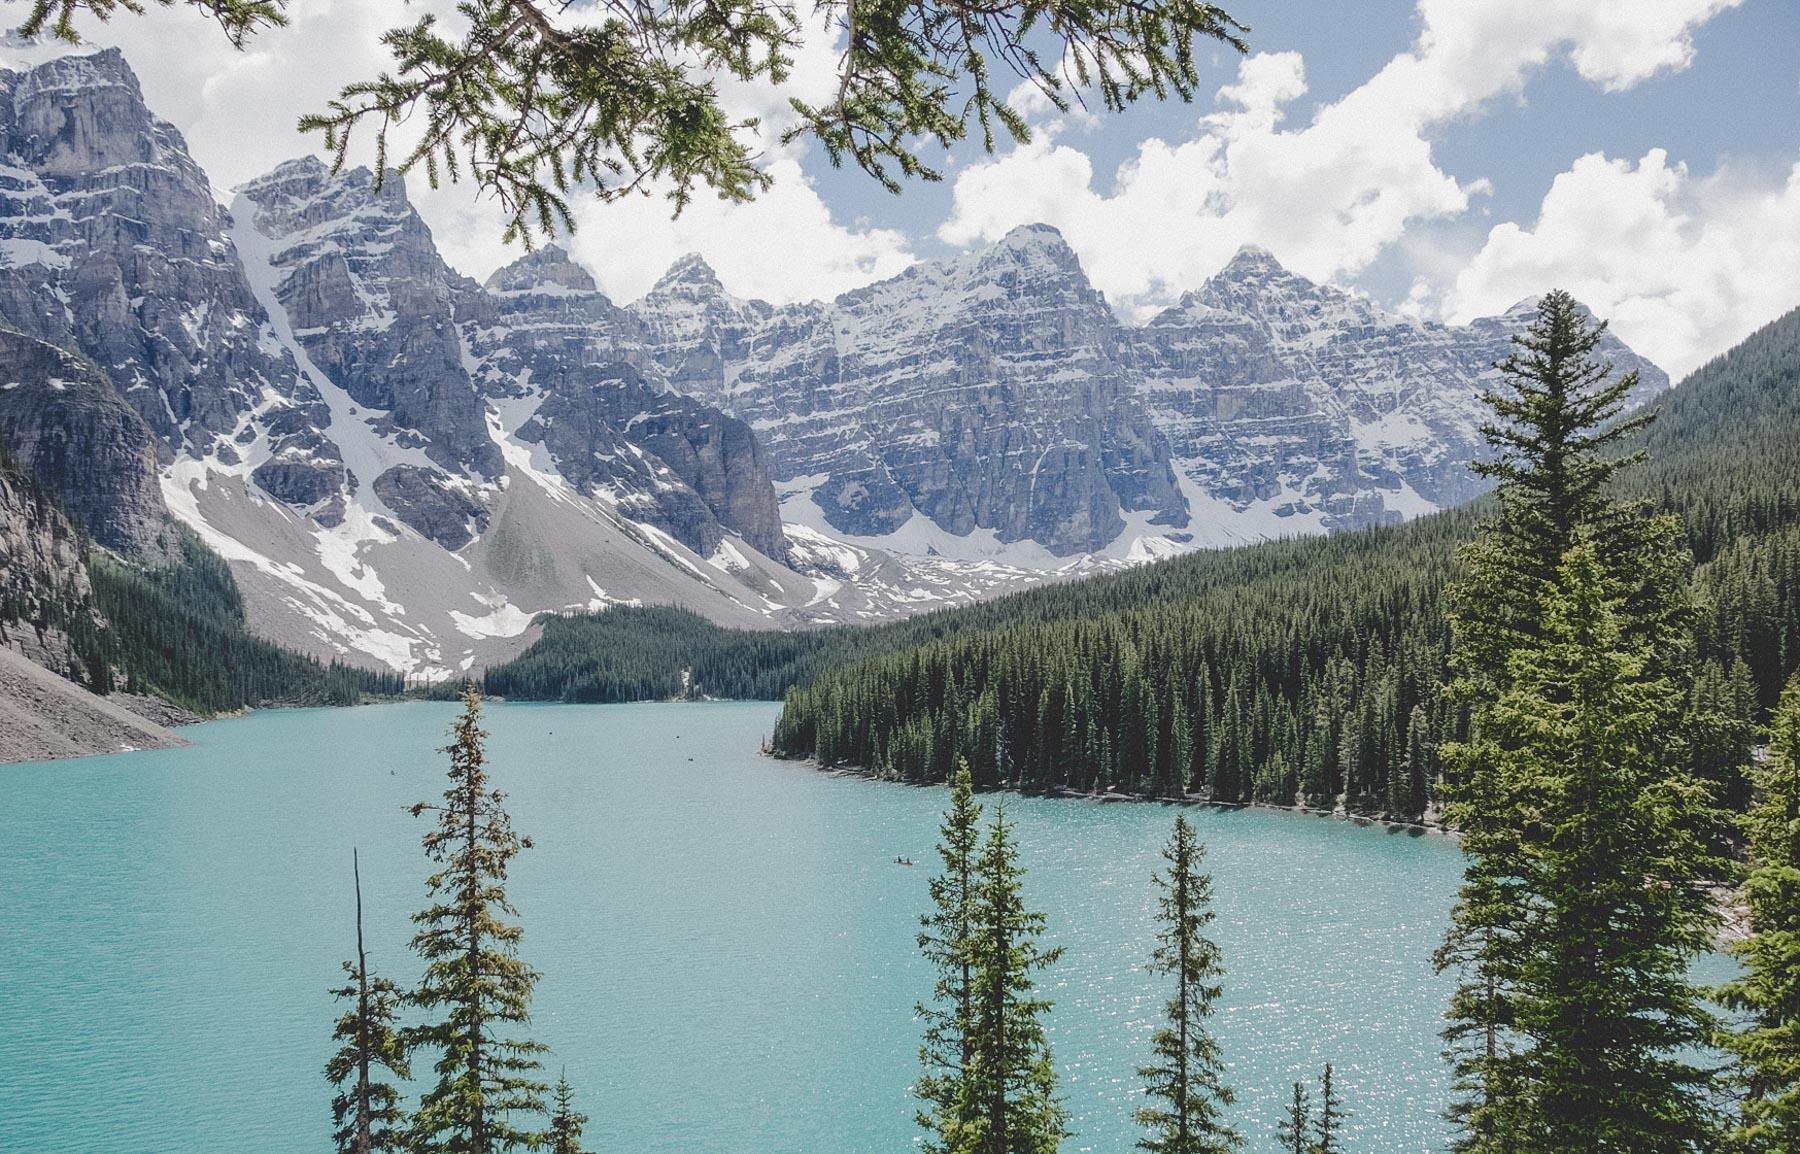 Roadtrip durch Kanada: 3 Wochen an der Ost- und Westküste